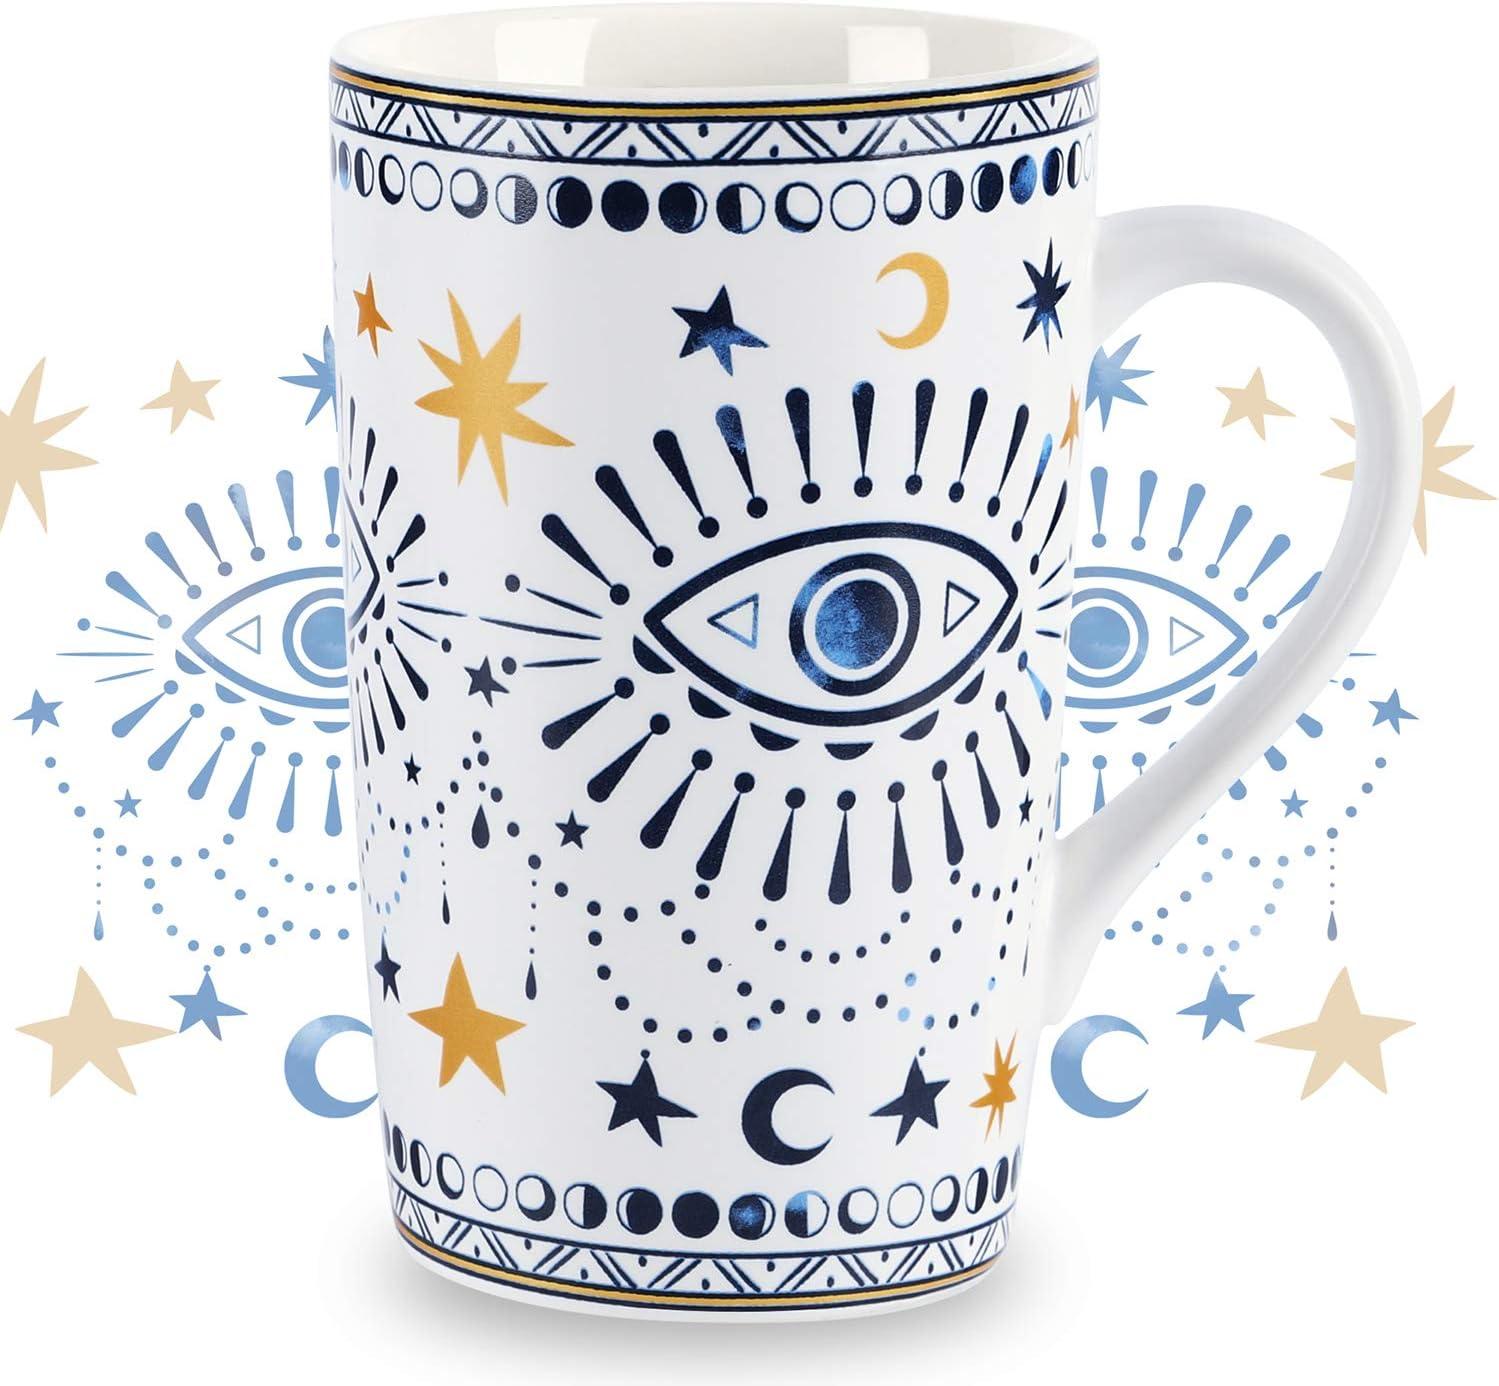 Nymphfable 18oz Tazas Café De CeráMica Personalizadas Ojos Boho Taza Con Tapa Taza Te Grandes Patrón de Horneado